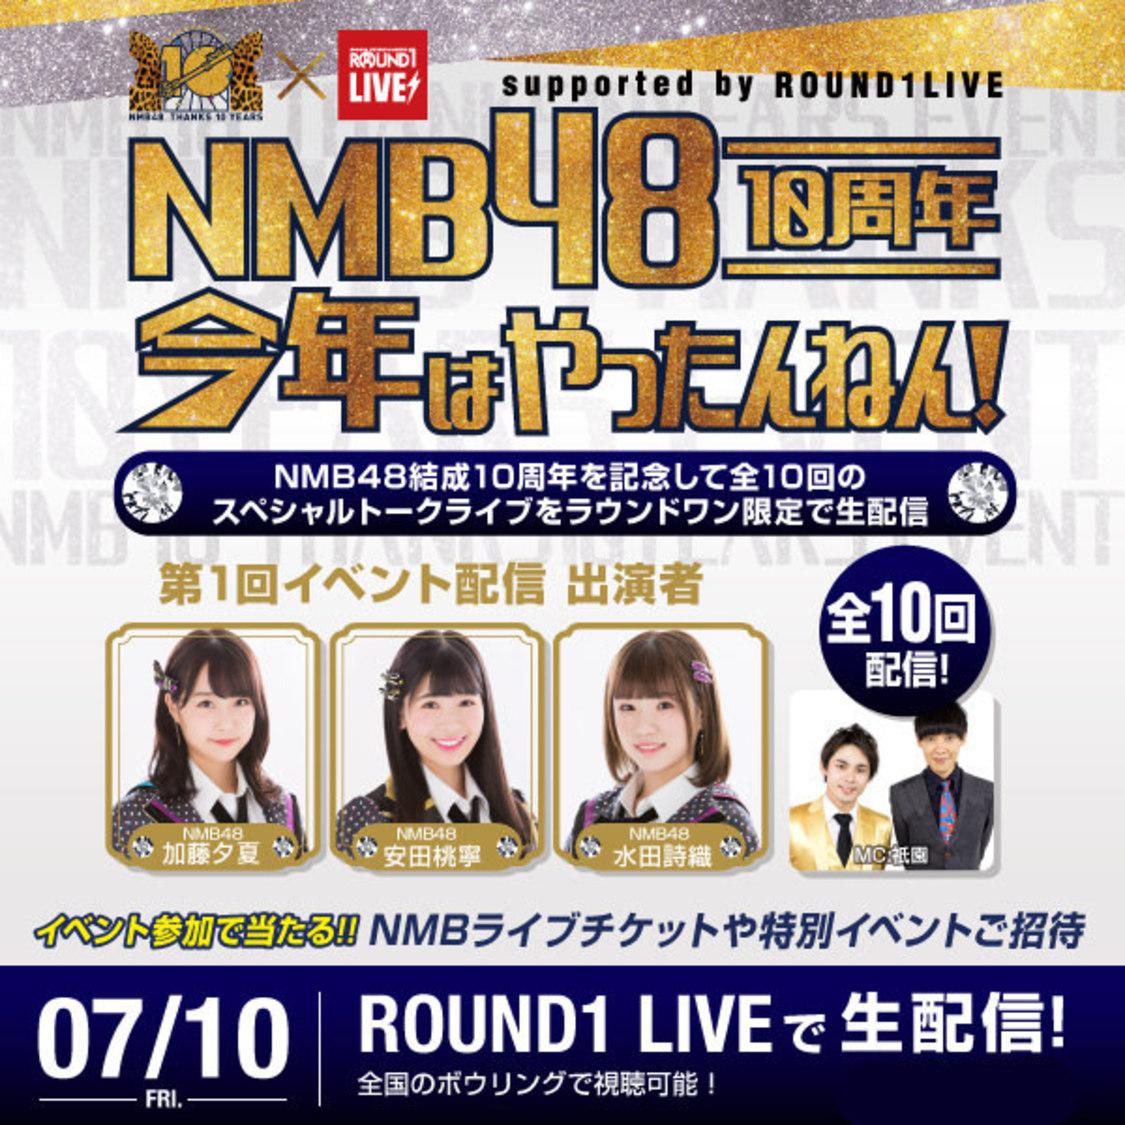 NMB48、ラウンドワン限定トーク配信ライブ開催決定!